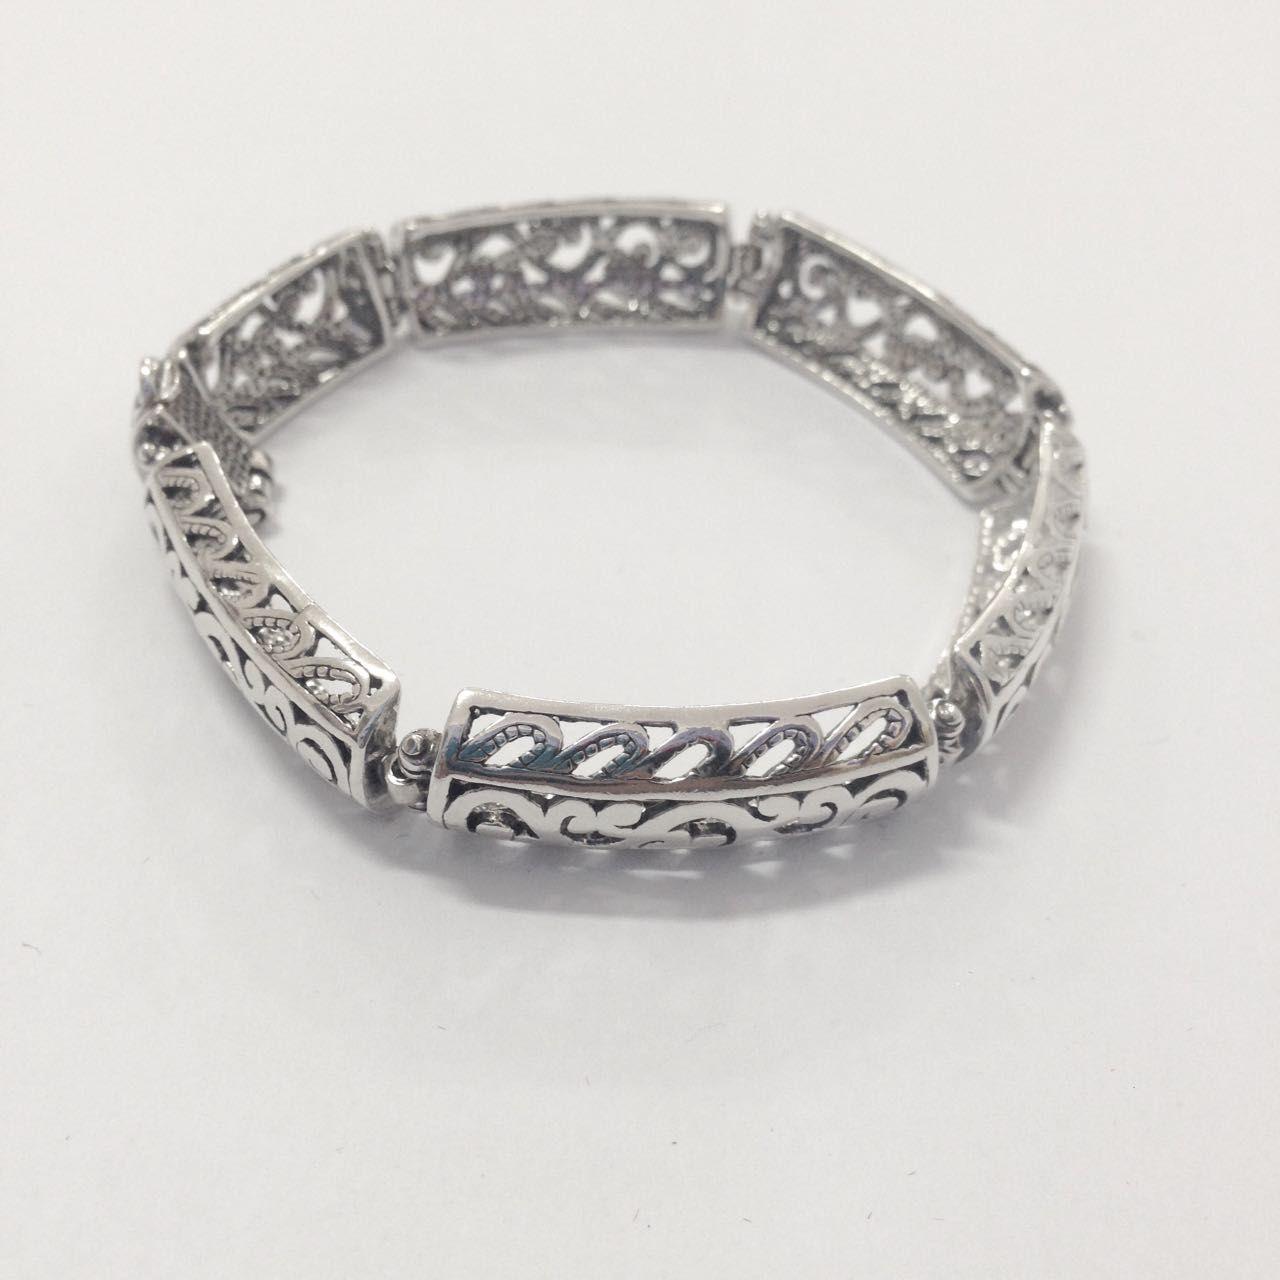 Bracelete Envelhecido de Prata